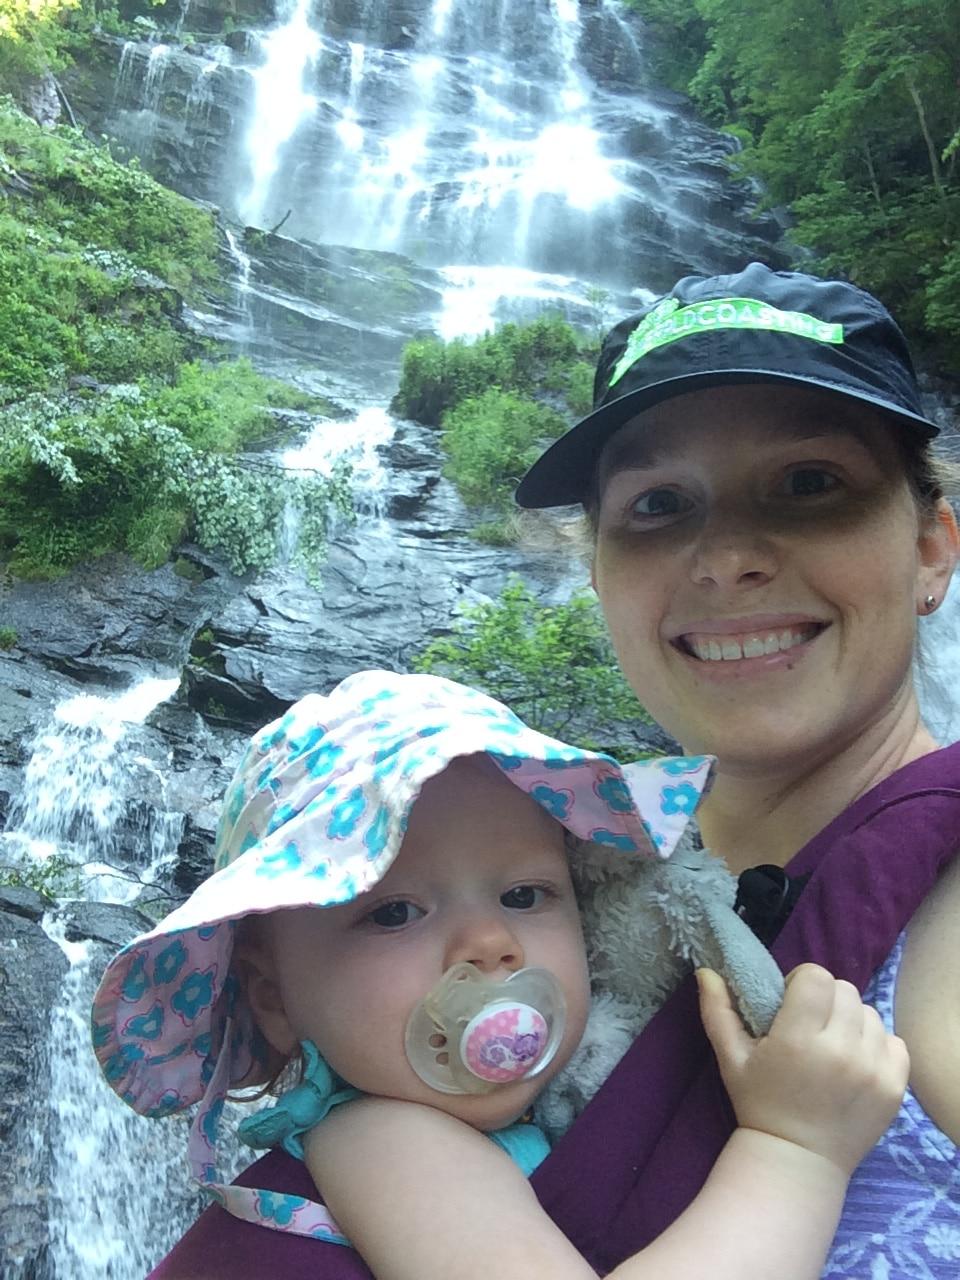 Road trip amicaoloa falls